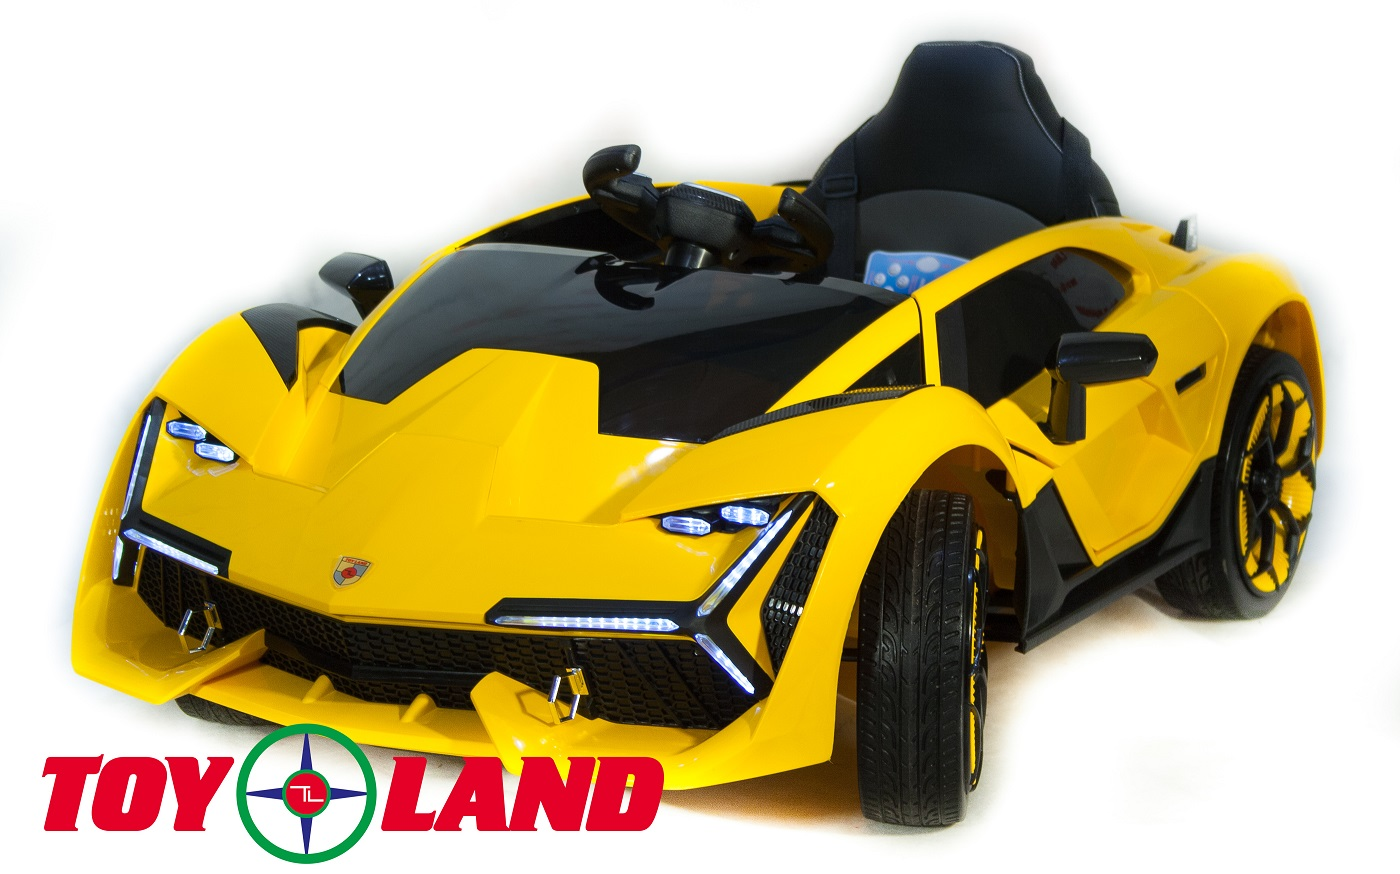 Электромобиль ToyLand Lamborghini YHK2881 желтого цвета фото